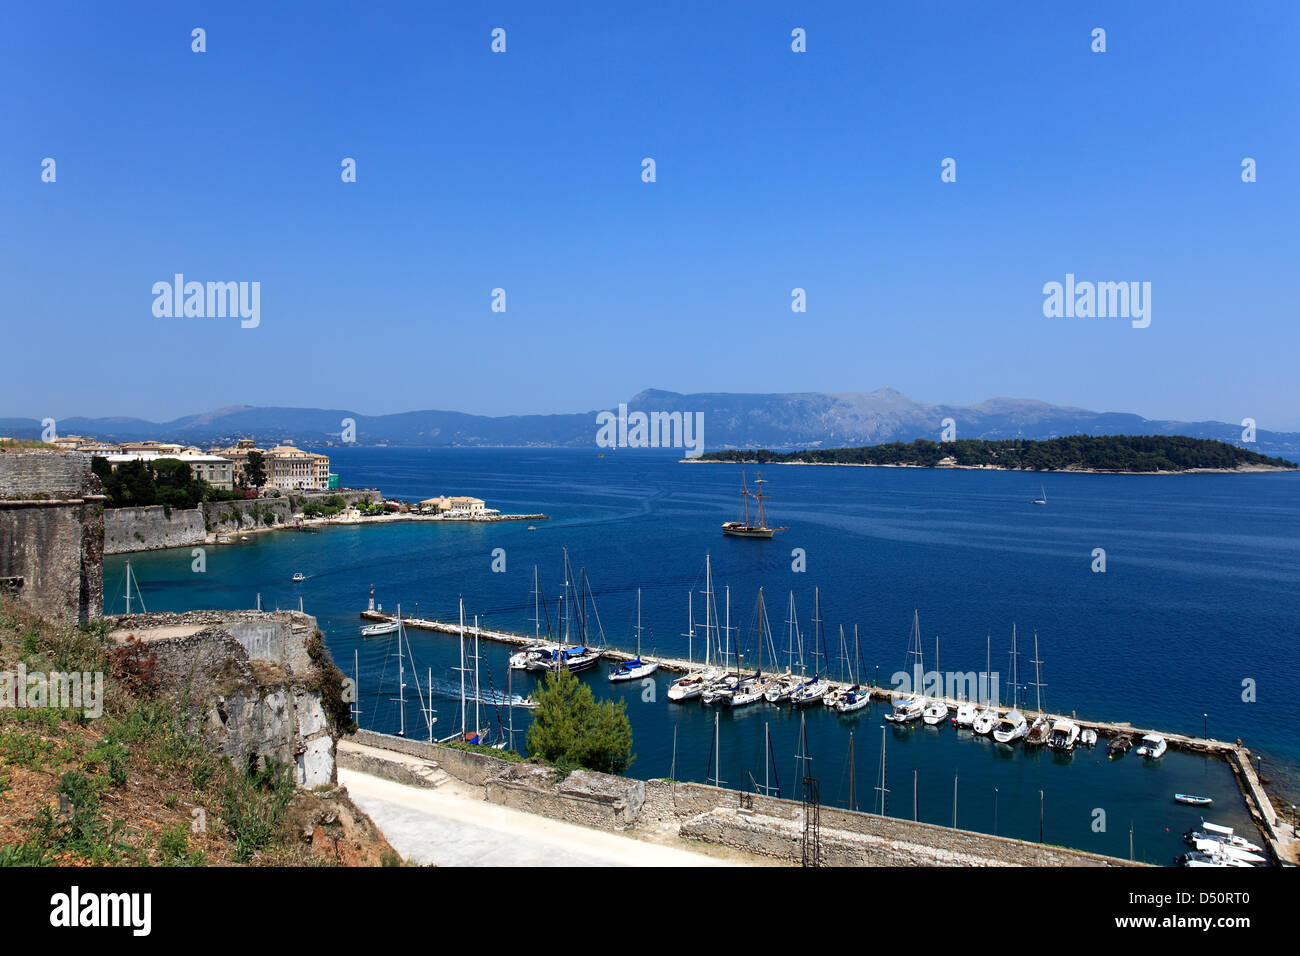 Sailing Boats in the Naval Sports Club marina, (Mandraki), Corfu Town, Corfu Island, Greece, Europe - Stock Image